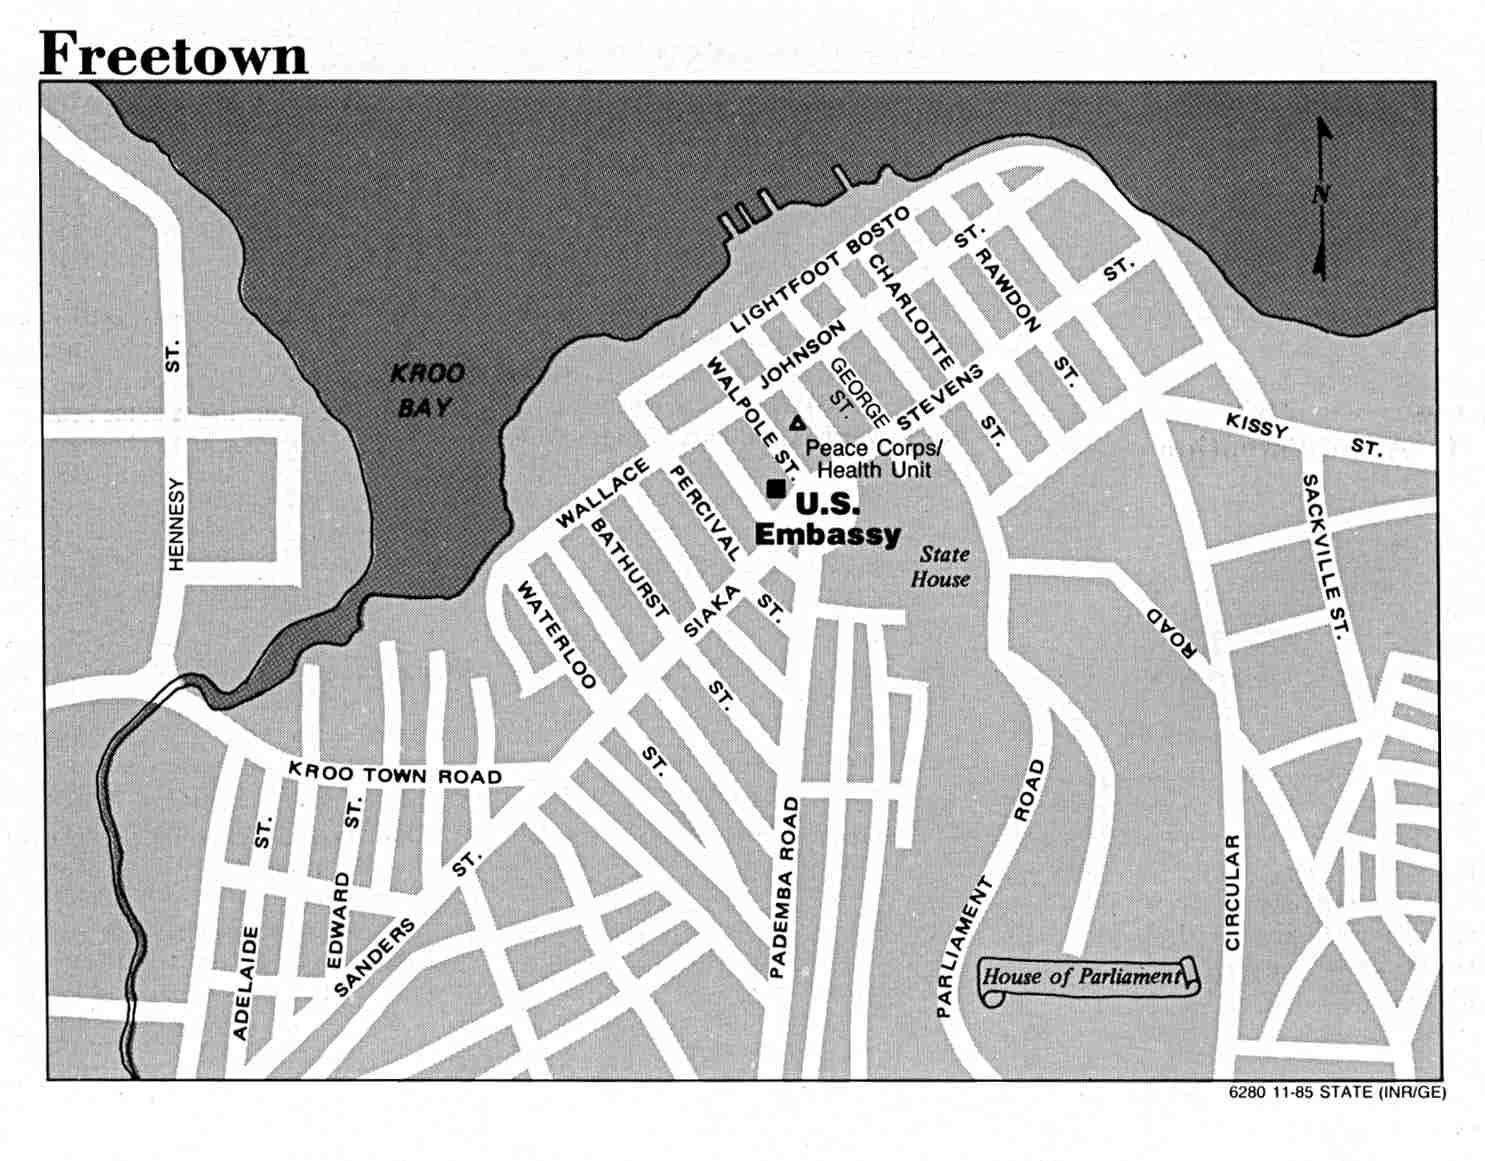 Mapa de la Ciudad de Freetown, Sierra Leona